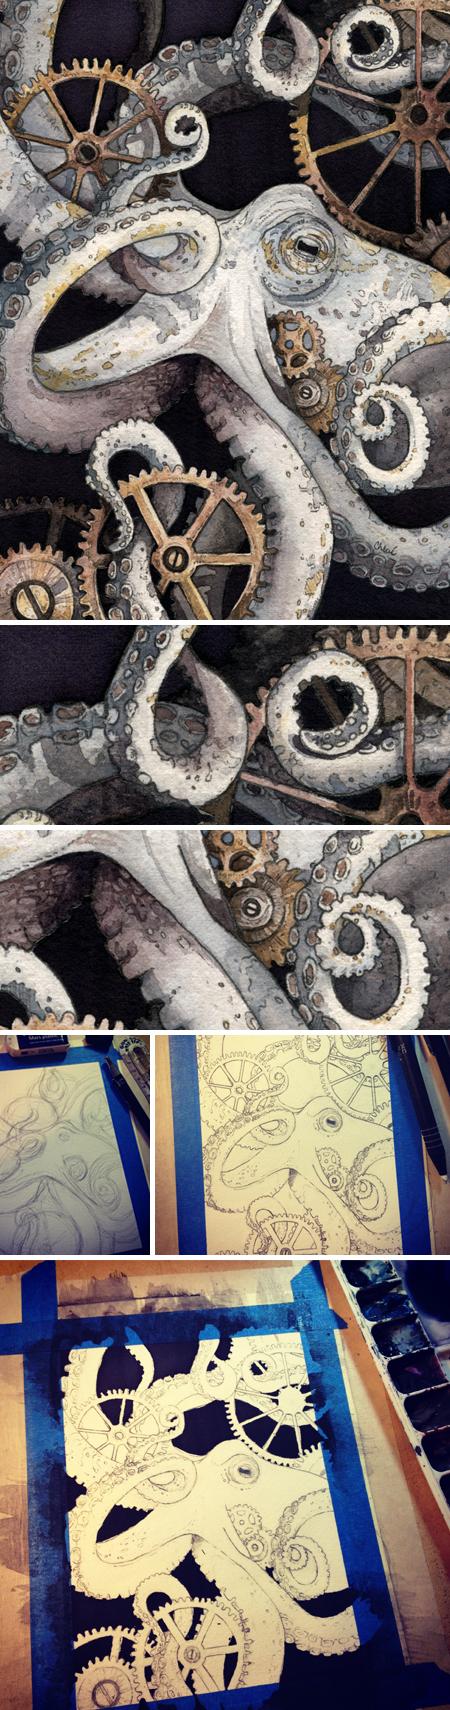 sofia details and process